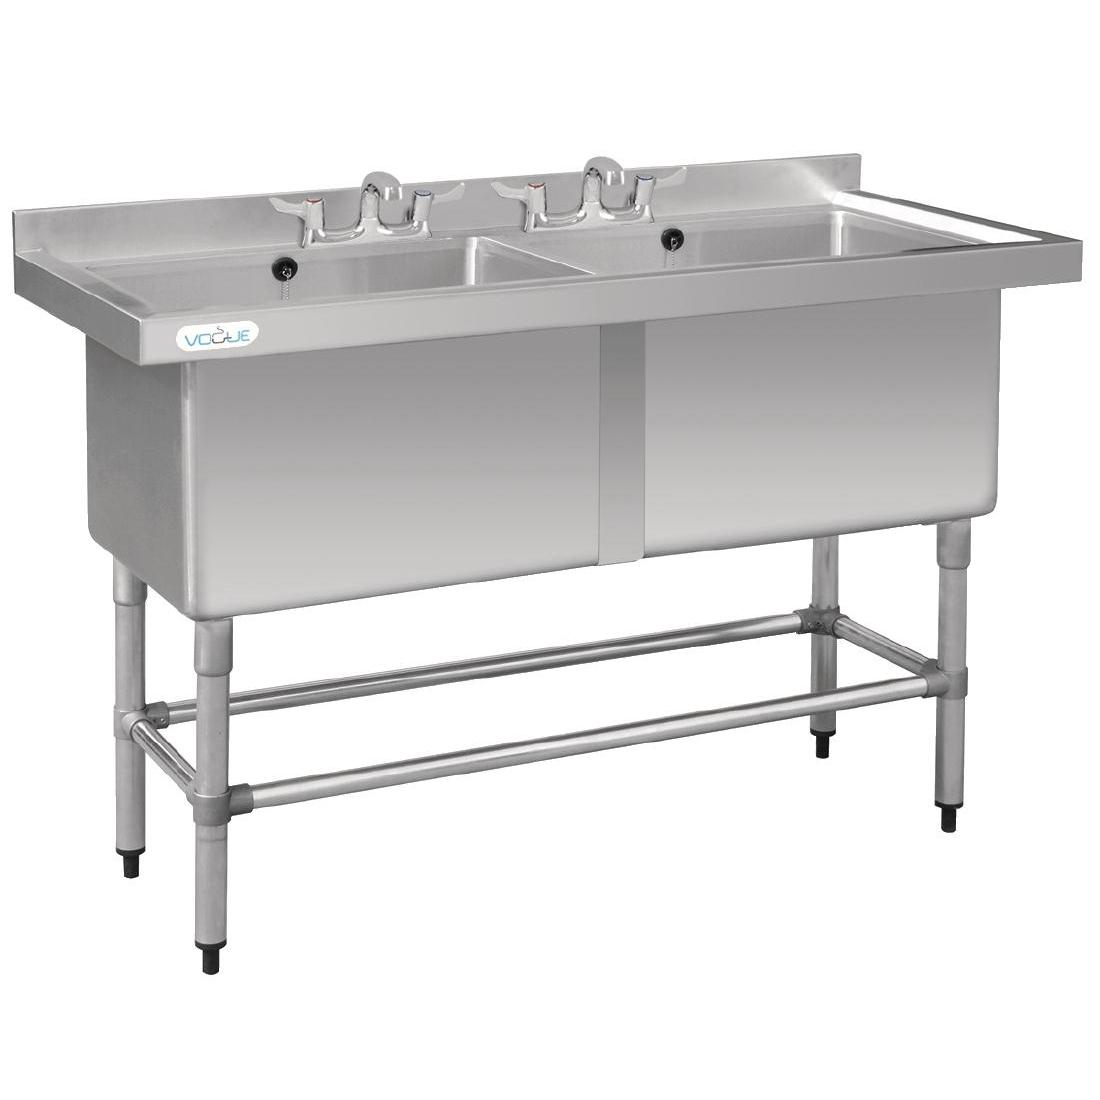 d710a9969c Vogue Double Deep Pot Sink